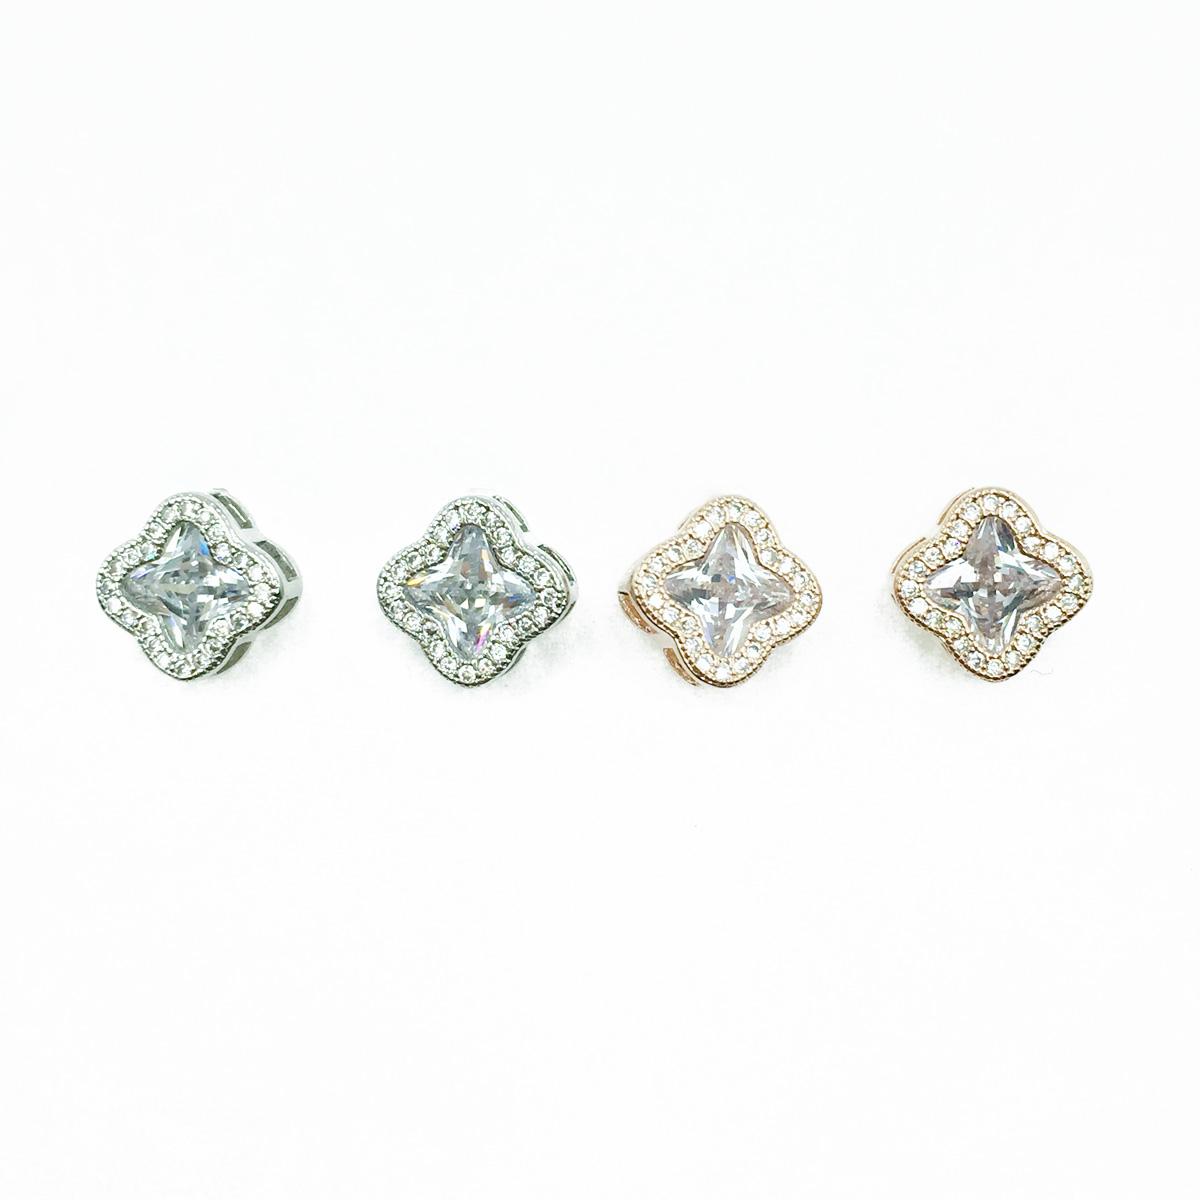 韓國 925純銀 圓弧邊水鑽 銀 玫瑰金 耳針式耳環